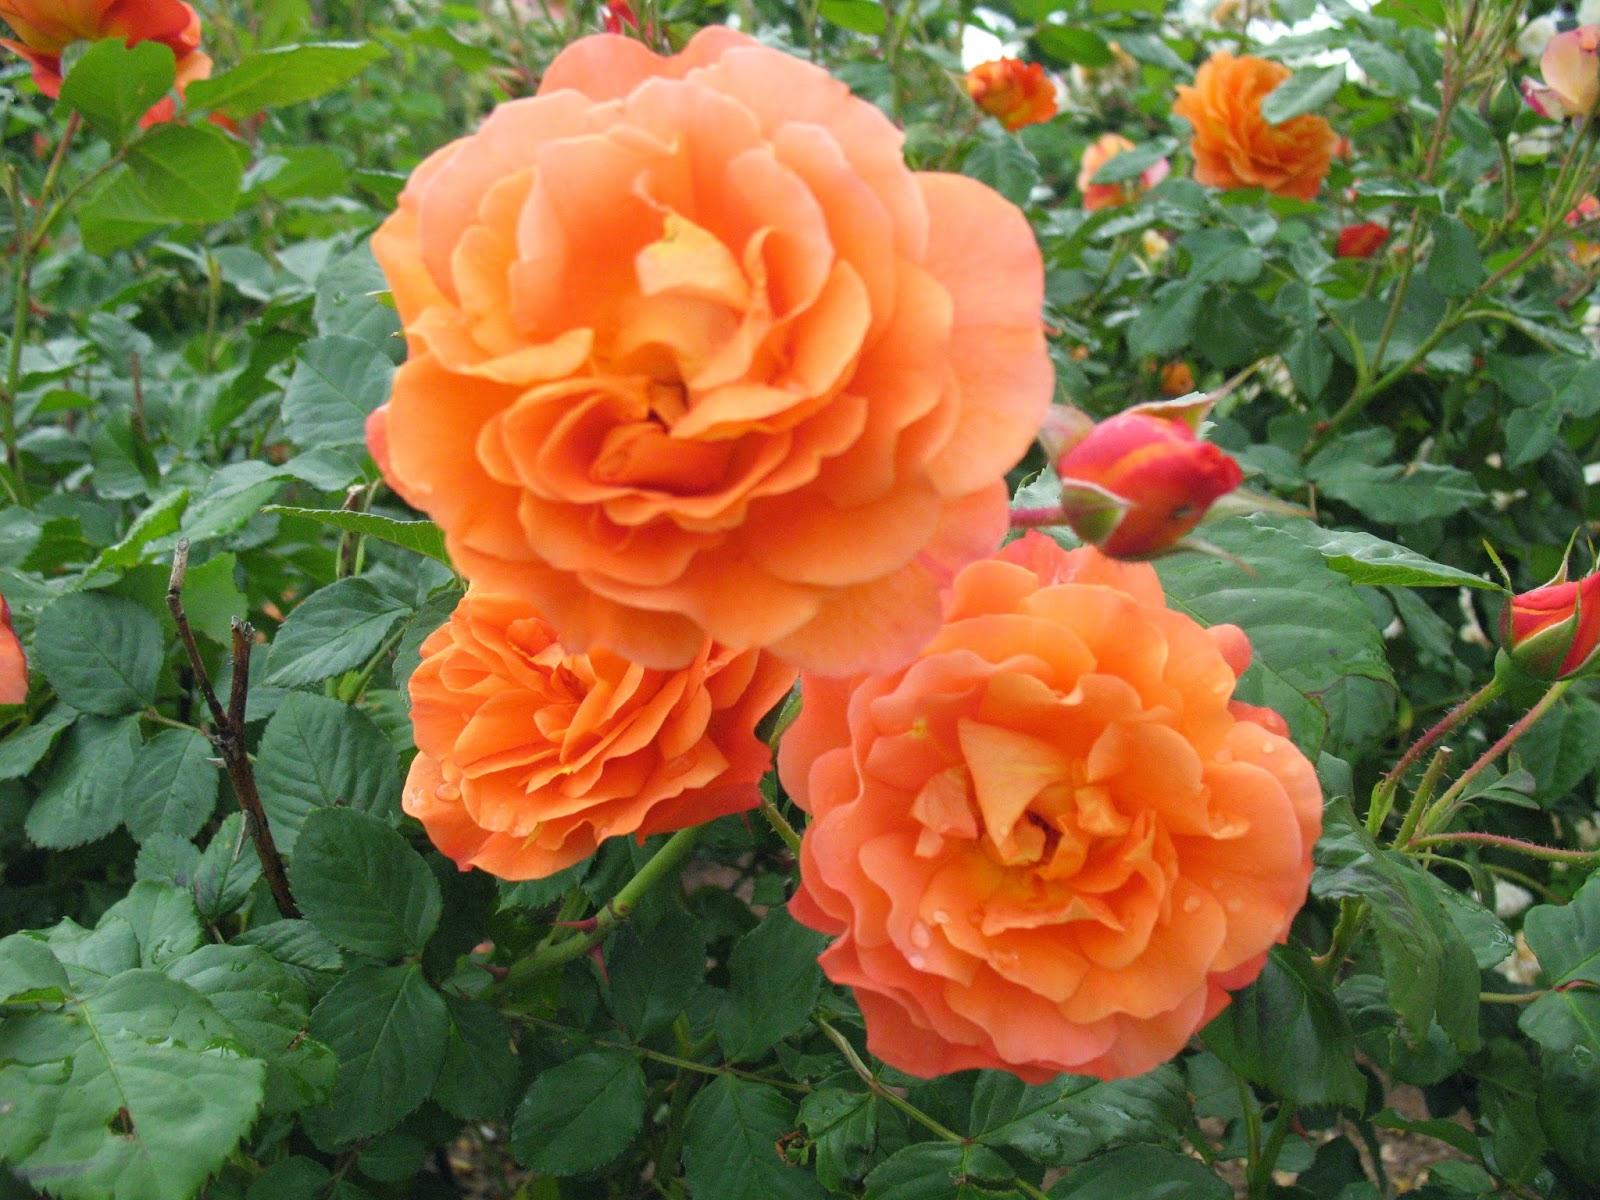 roses du jardin ch neland rosier westerland. Black Bedroom Furniture Sets. Home Design Ideas